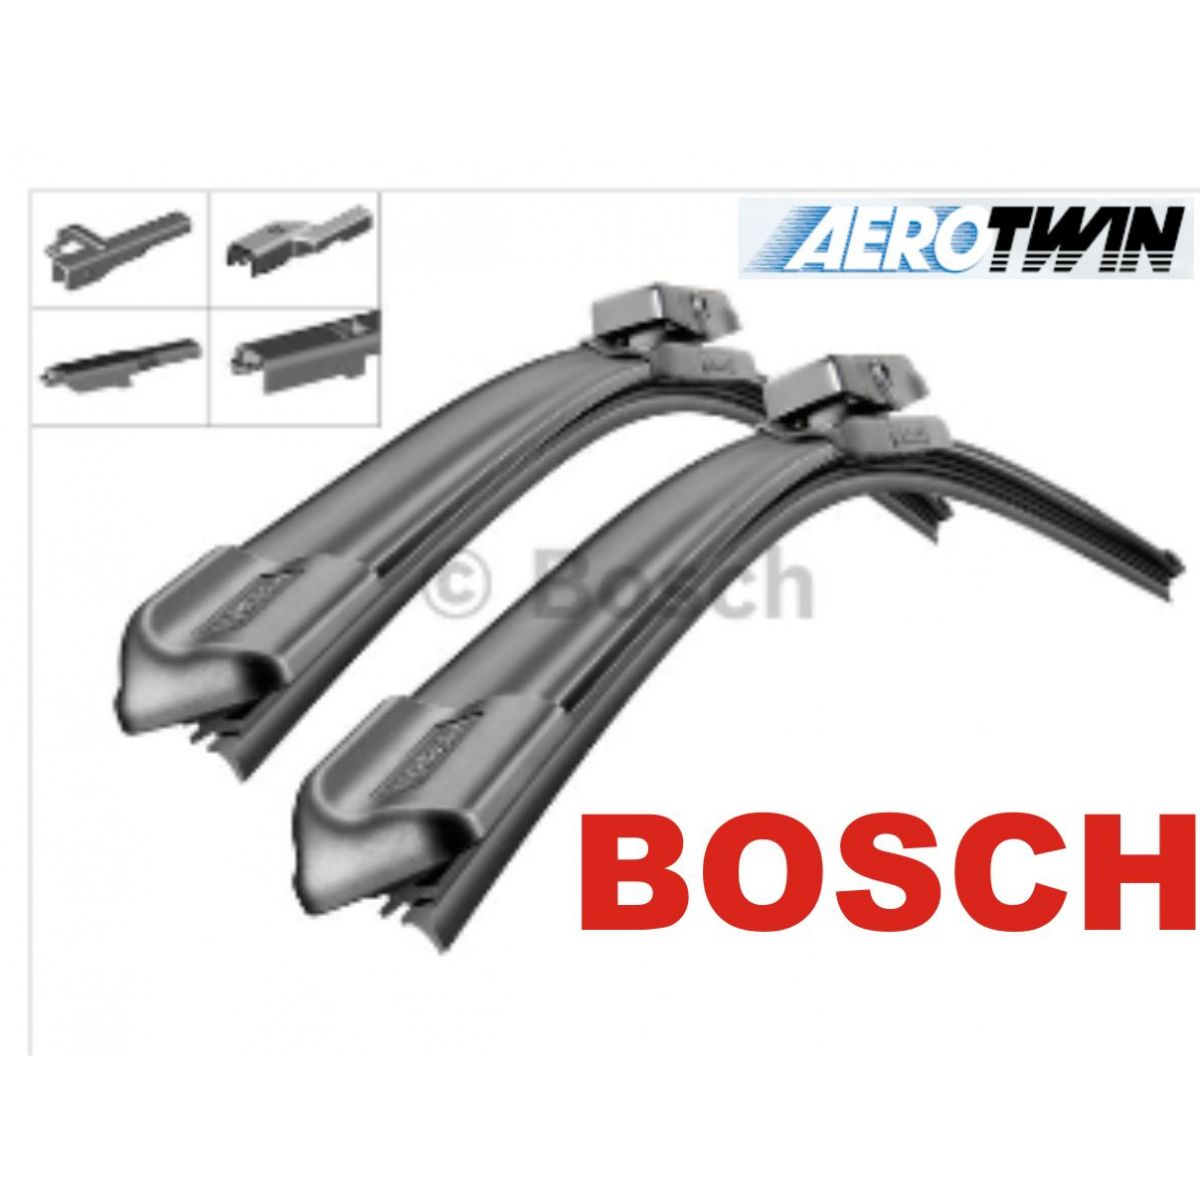 Palheta Bosch Aerotwin Plus Limpador de para brisa Bosch VW Touareg (7P5) ano 2010 em diante